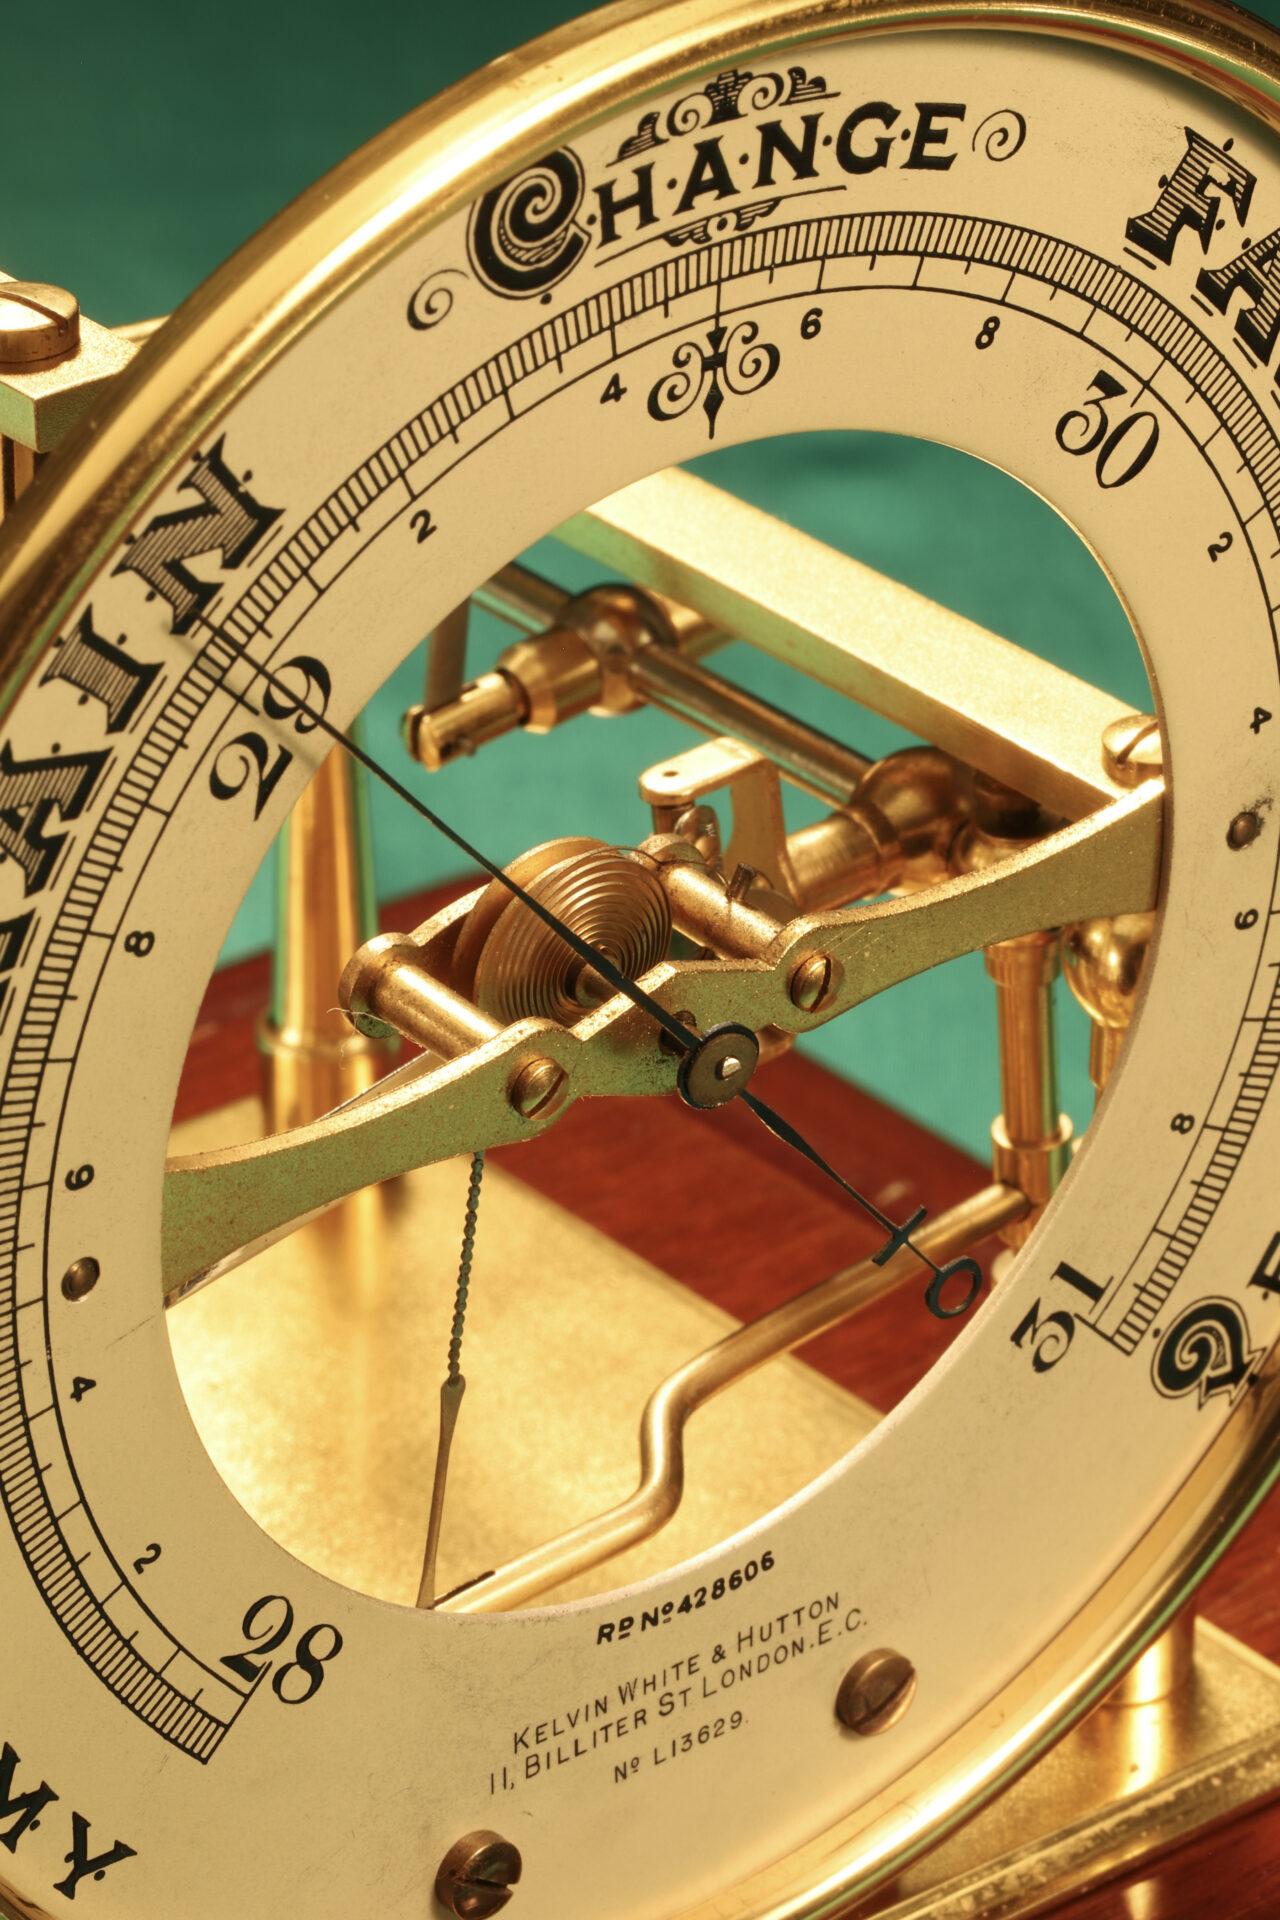 Image of dial from Short & Mason Barograph No L13629 c1930